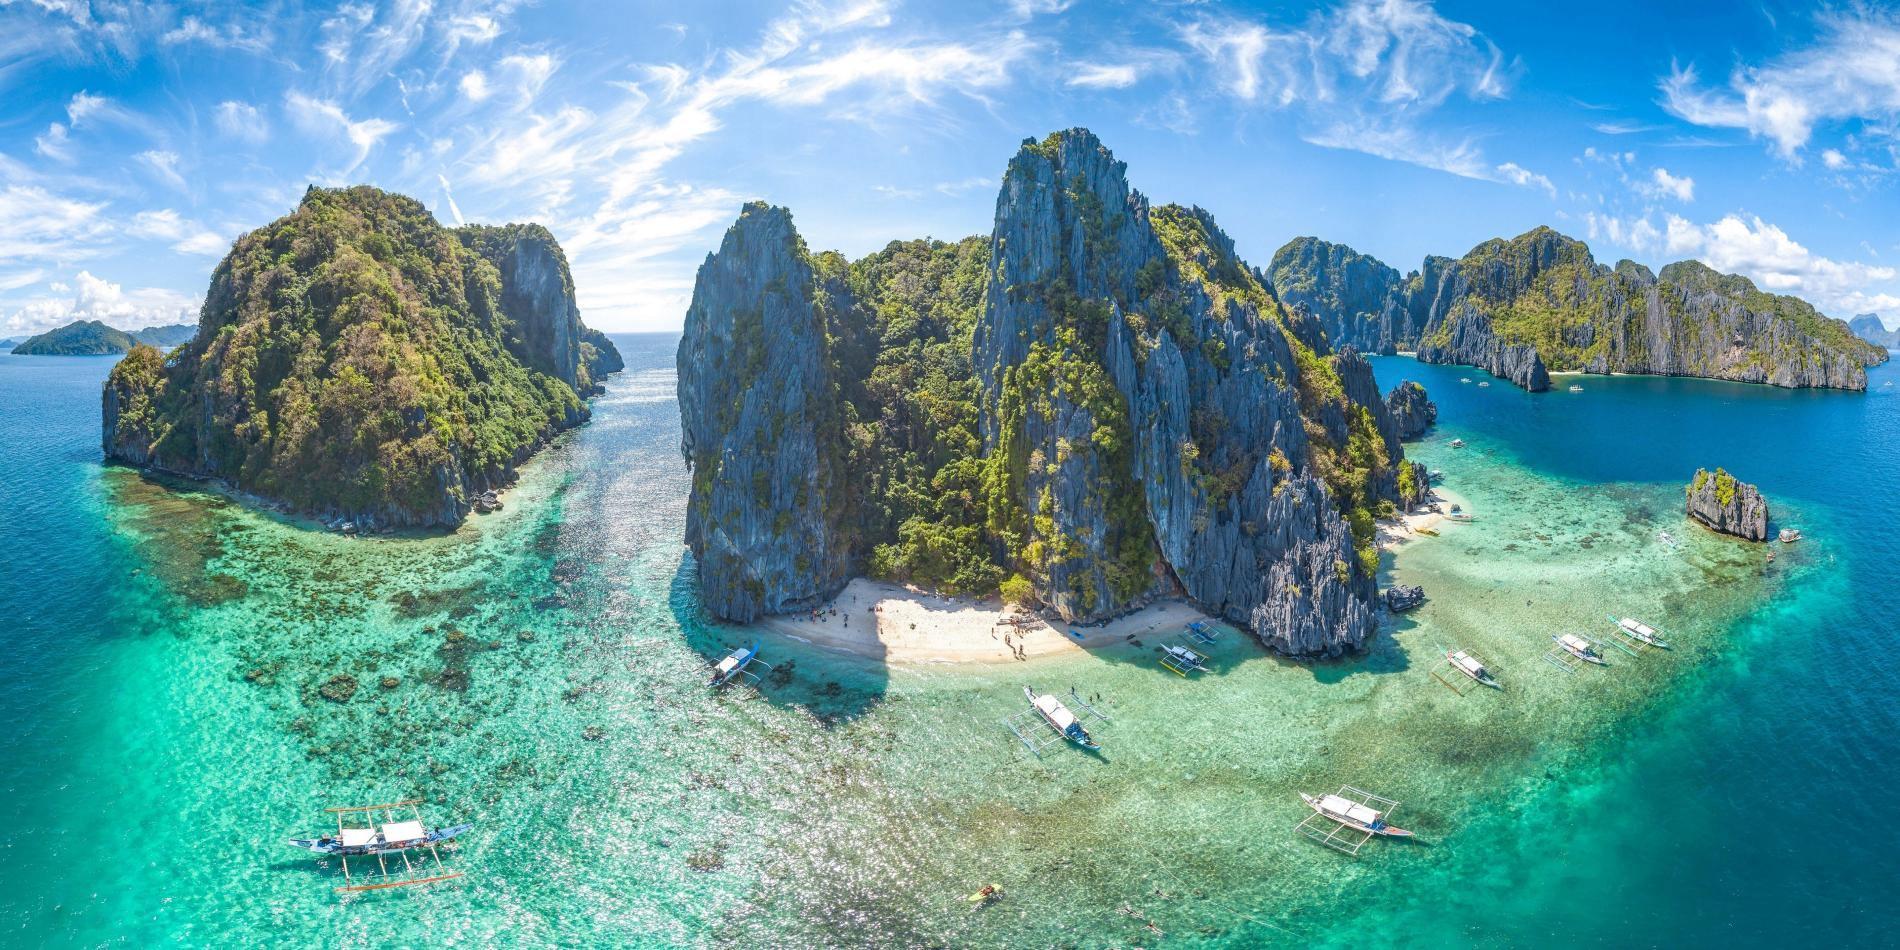 pohled z výšky na filipínský ostrov